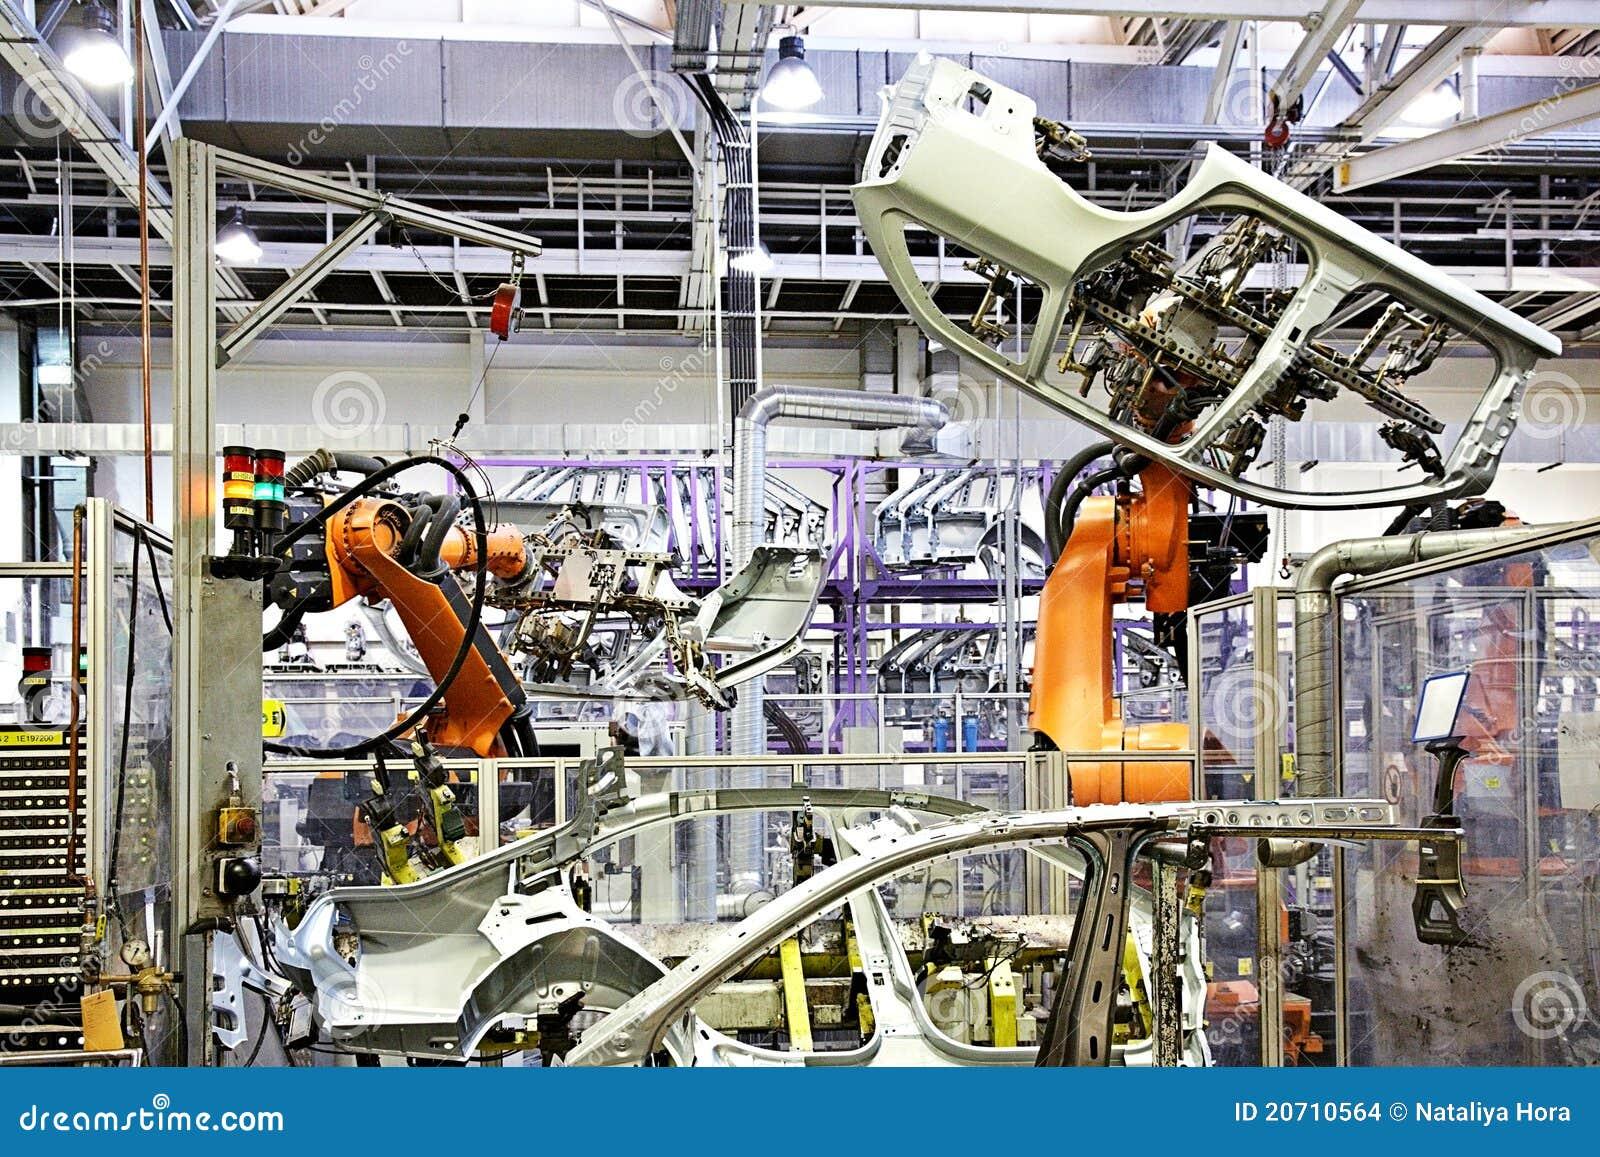 Robotachtige wapens in een autofabriek